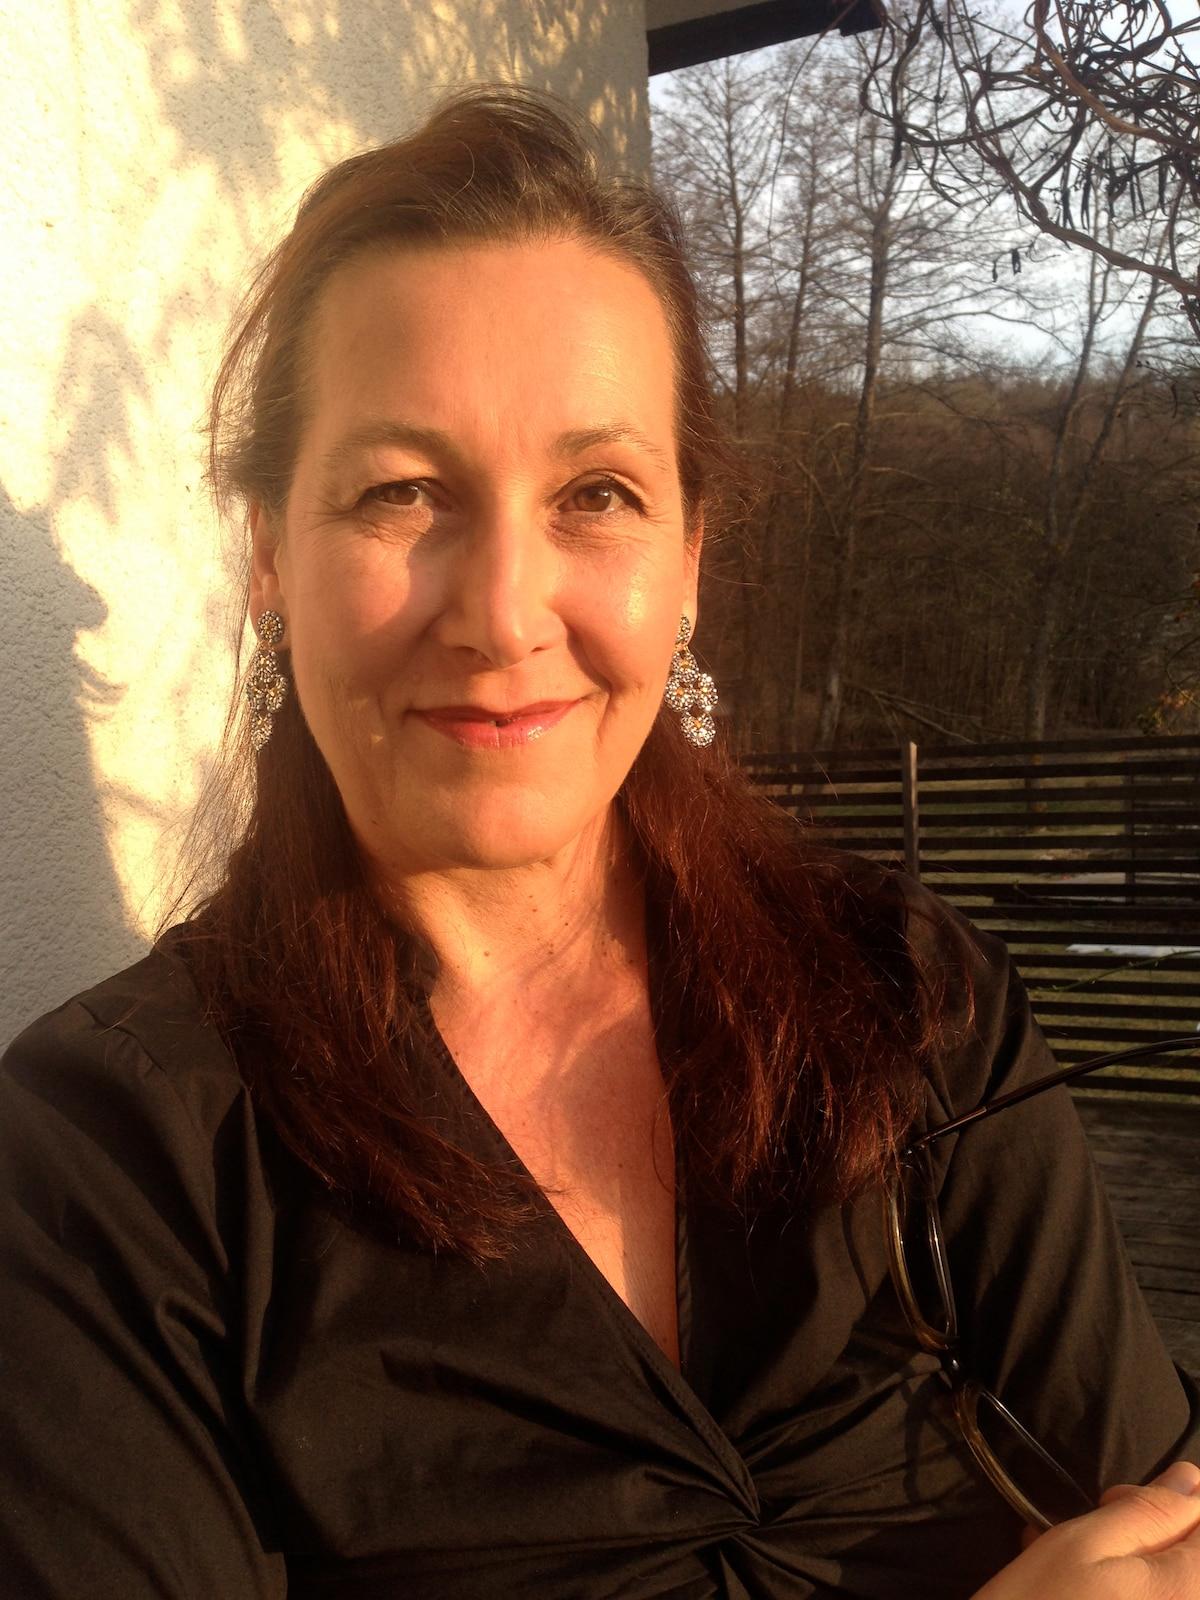 Susanne from Velden am Wörther See